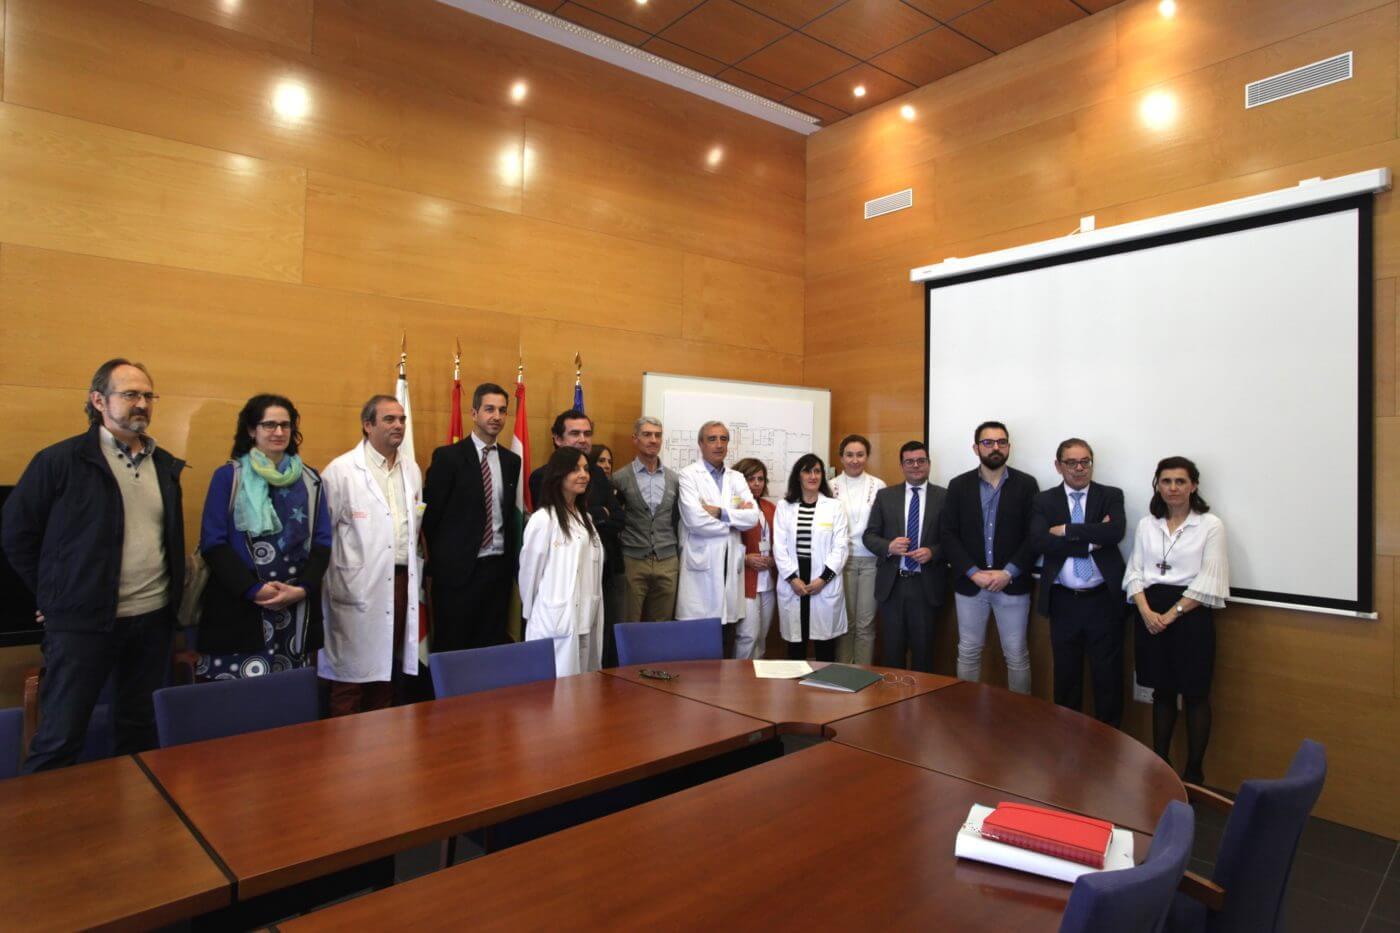 Salud inicia los trámites para ampliar las Urgencias del Hospital de Calahorra por 1,3 millones de euros